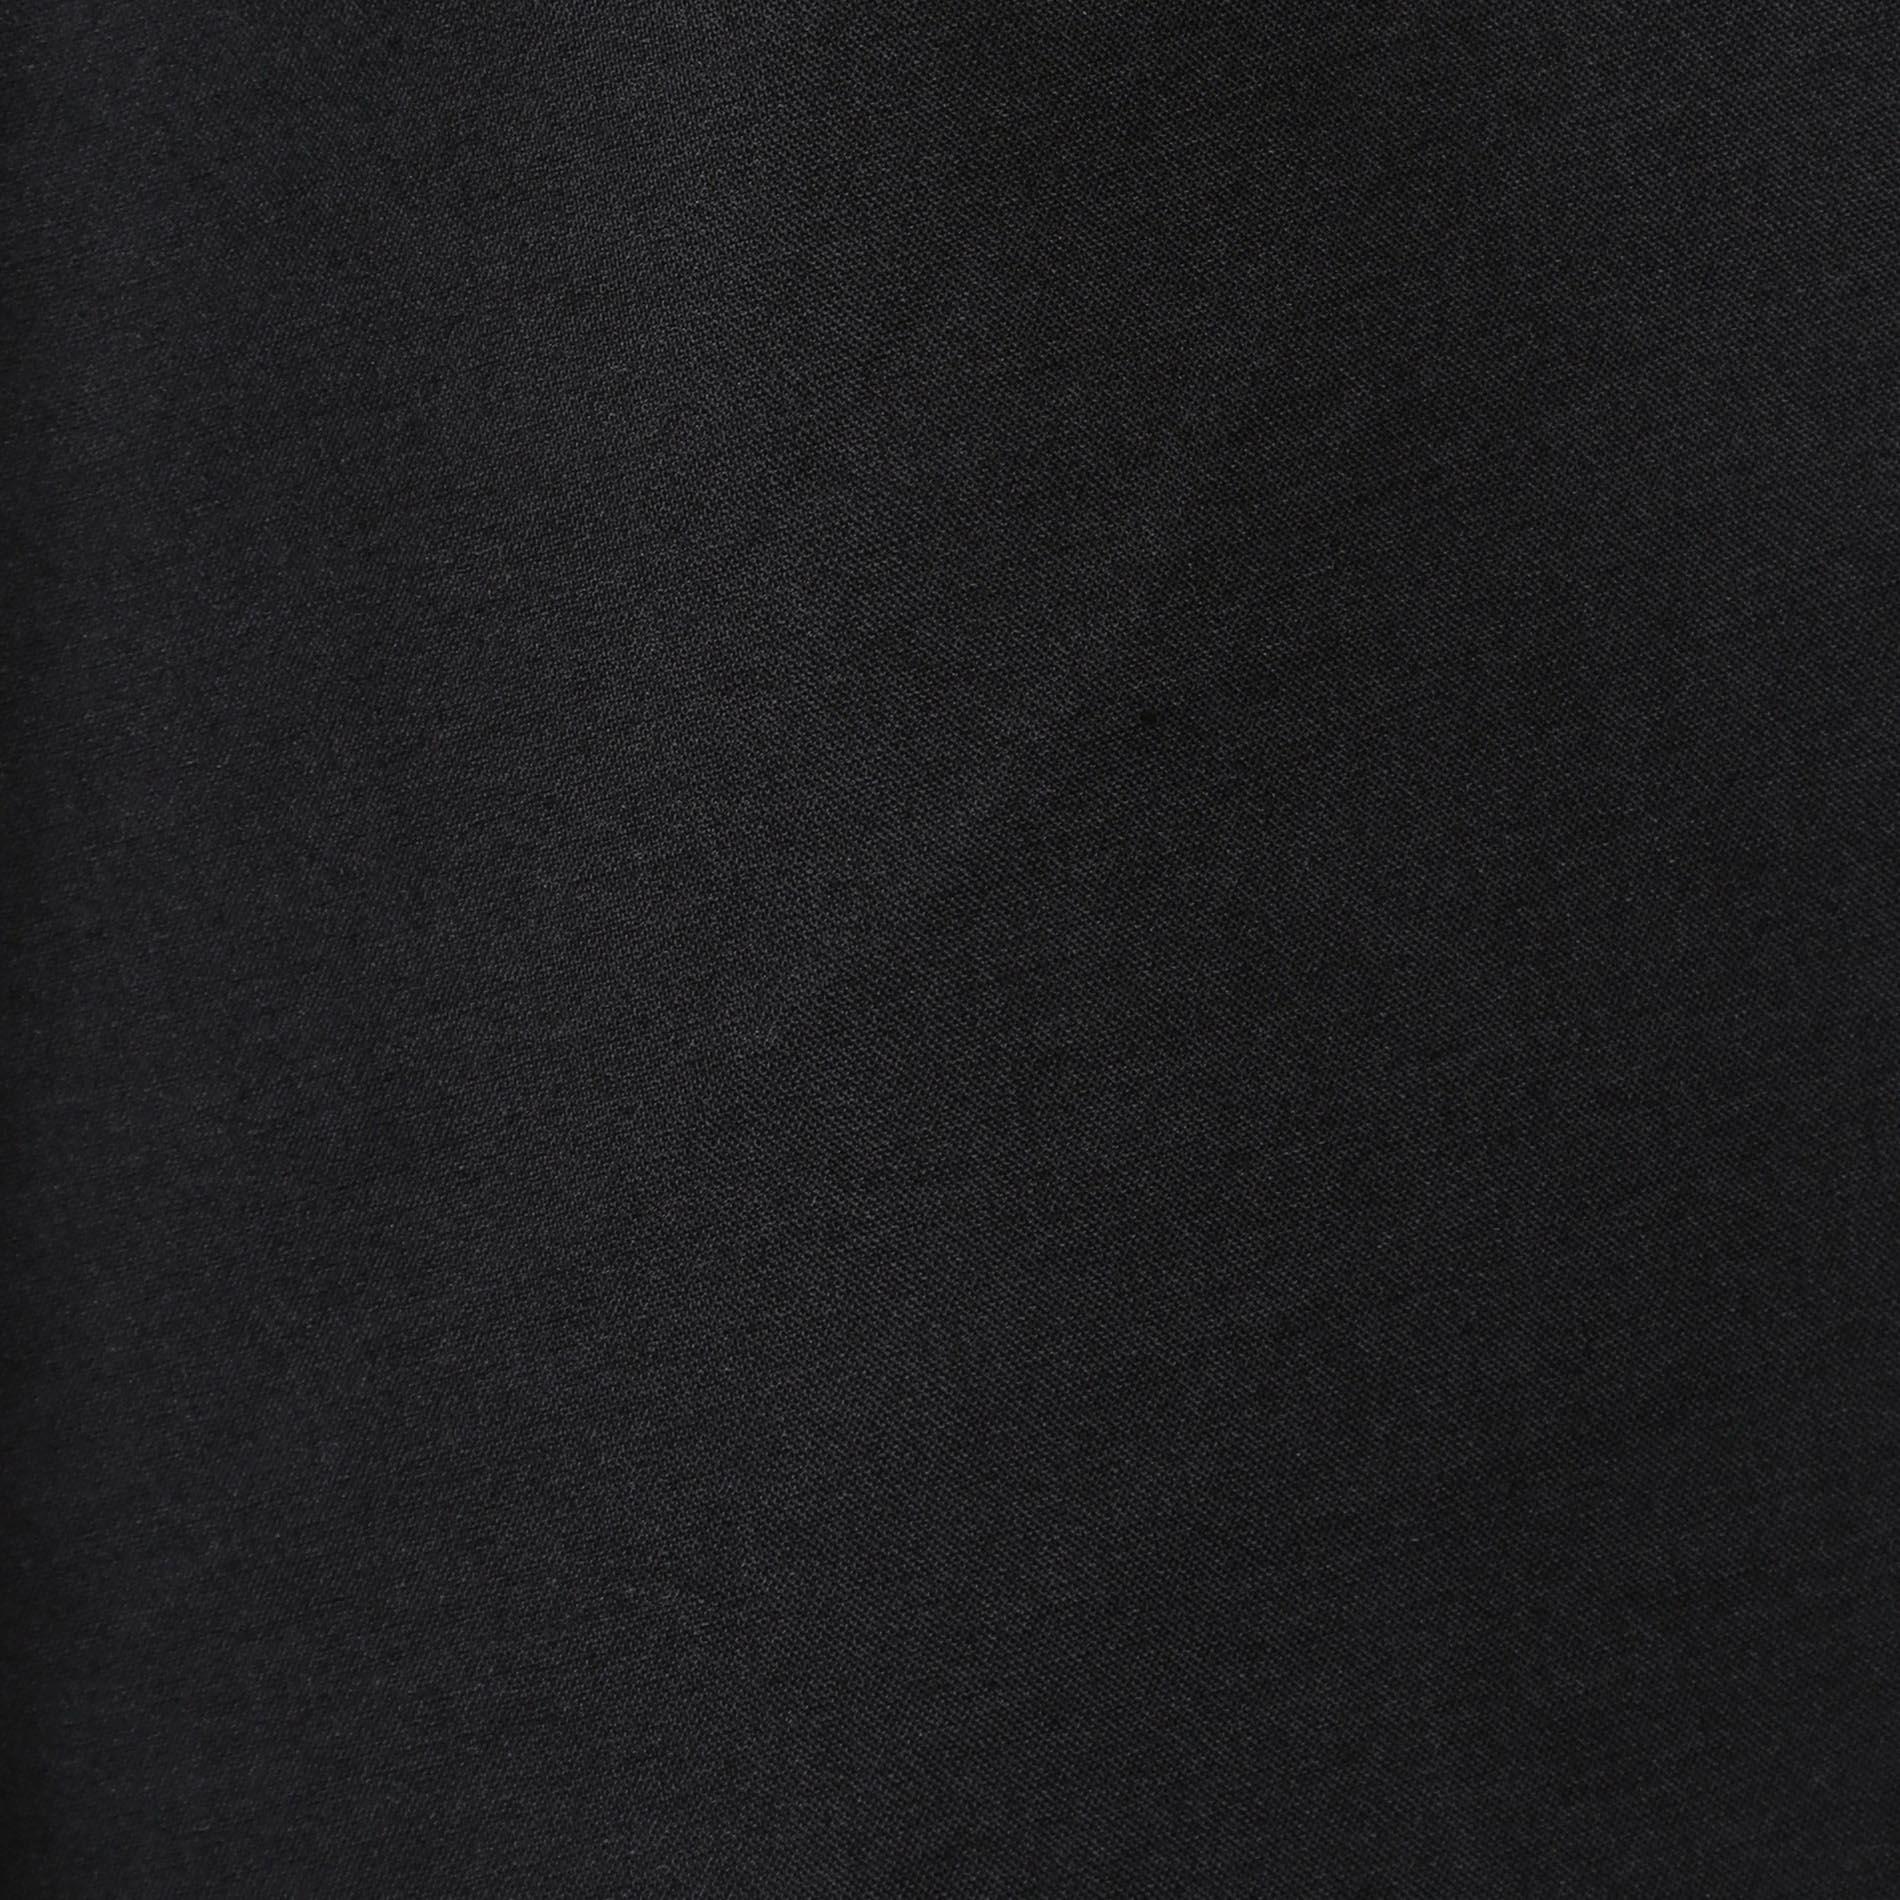 【MACKINTOSH】【GREENLAW】ゴム引きフーデッドポンチョ